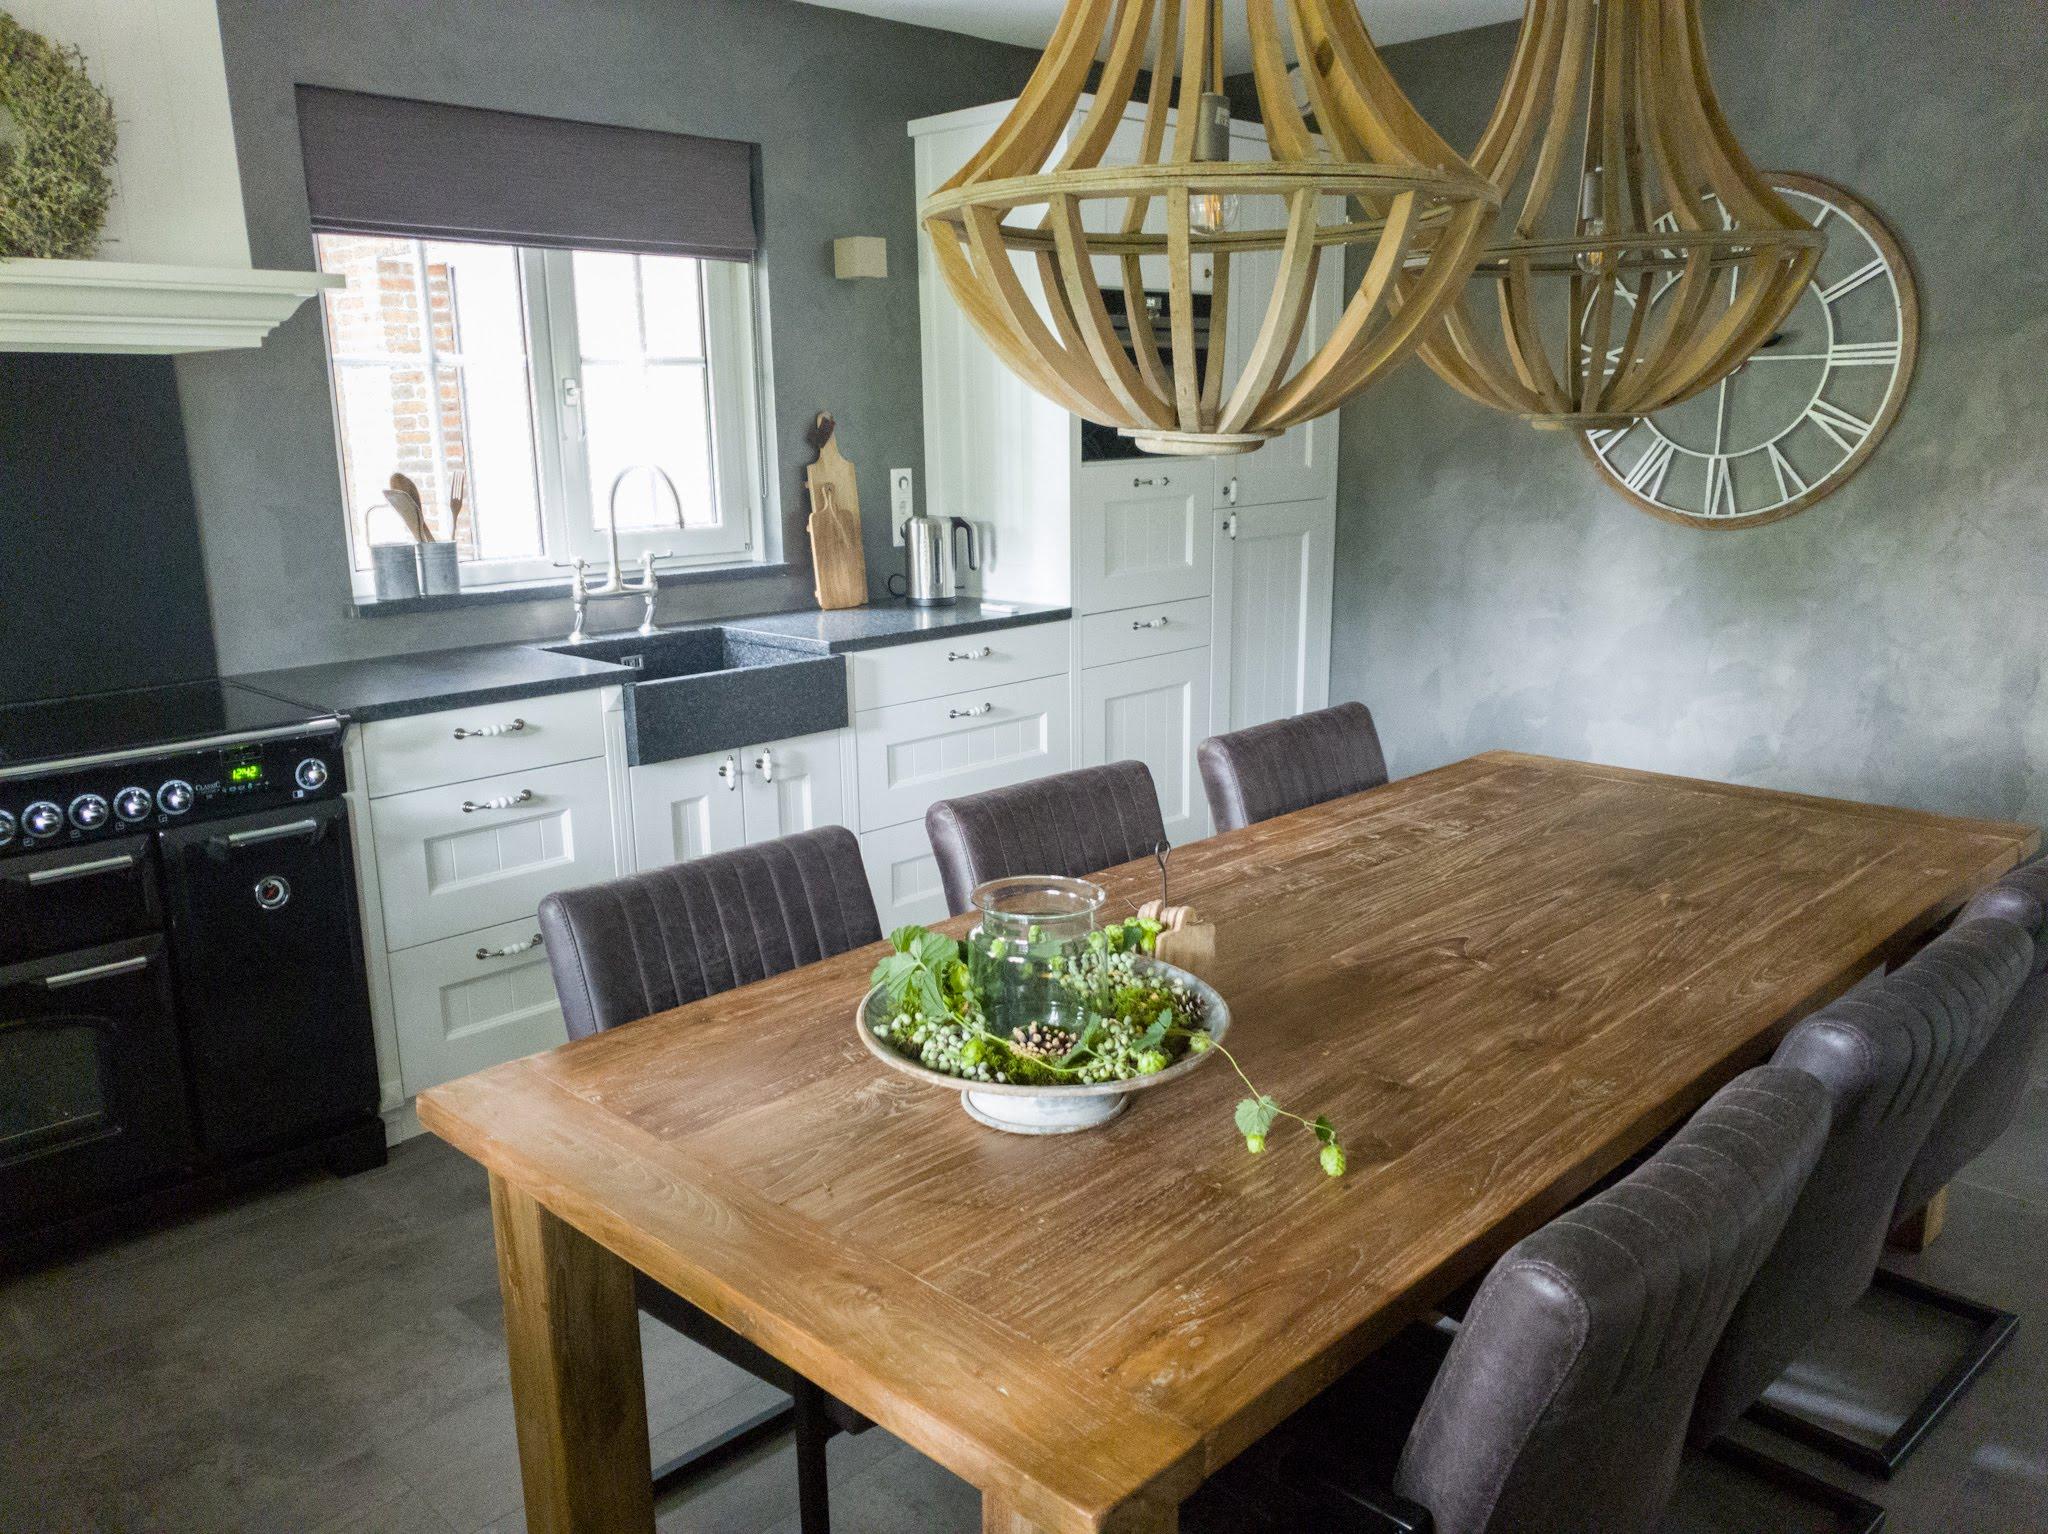 Landelijke herinrichting woonkamer keuken sandra's interieurstyling (11)